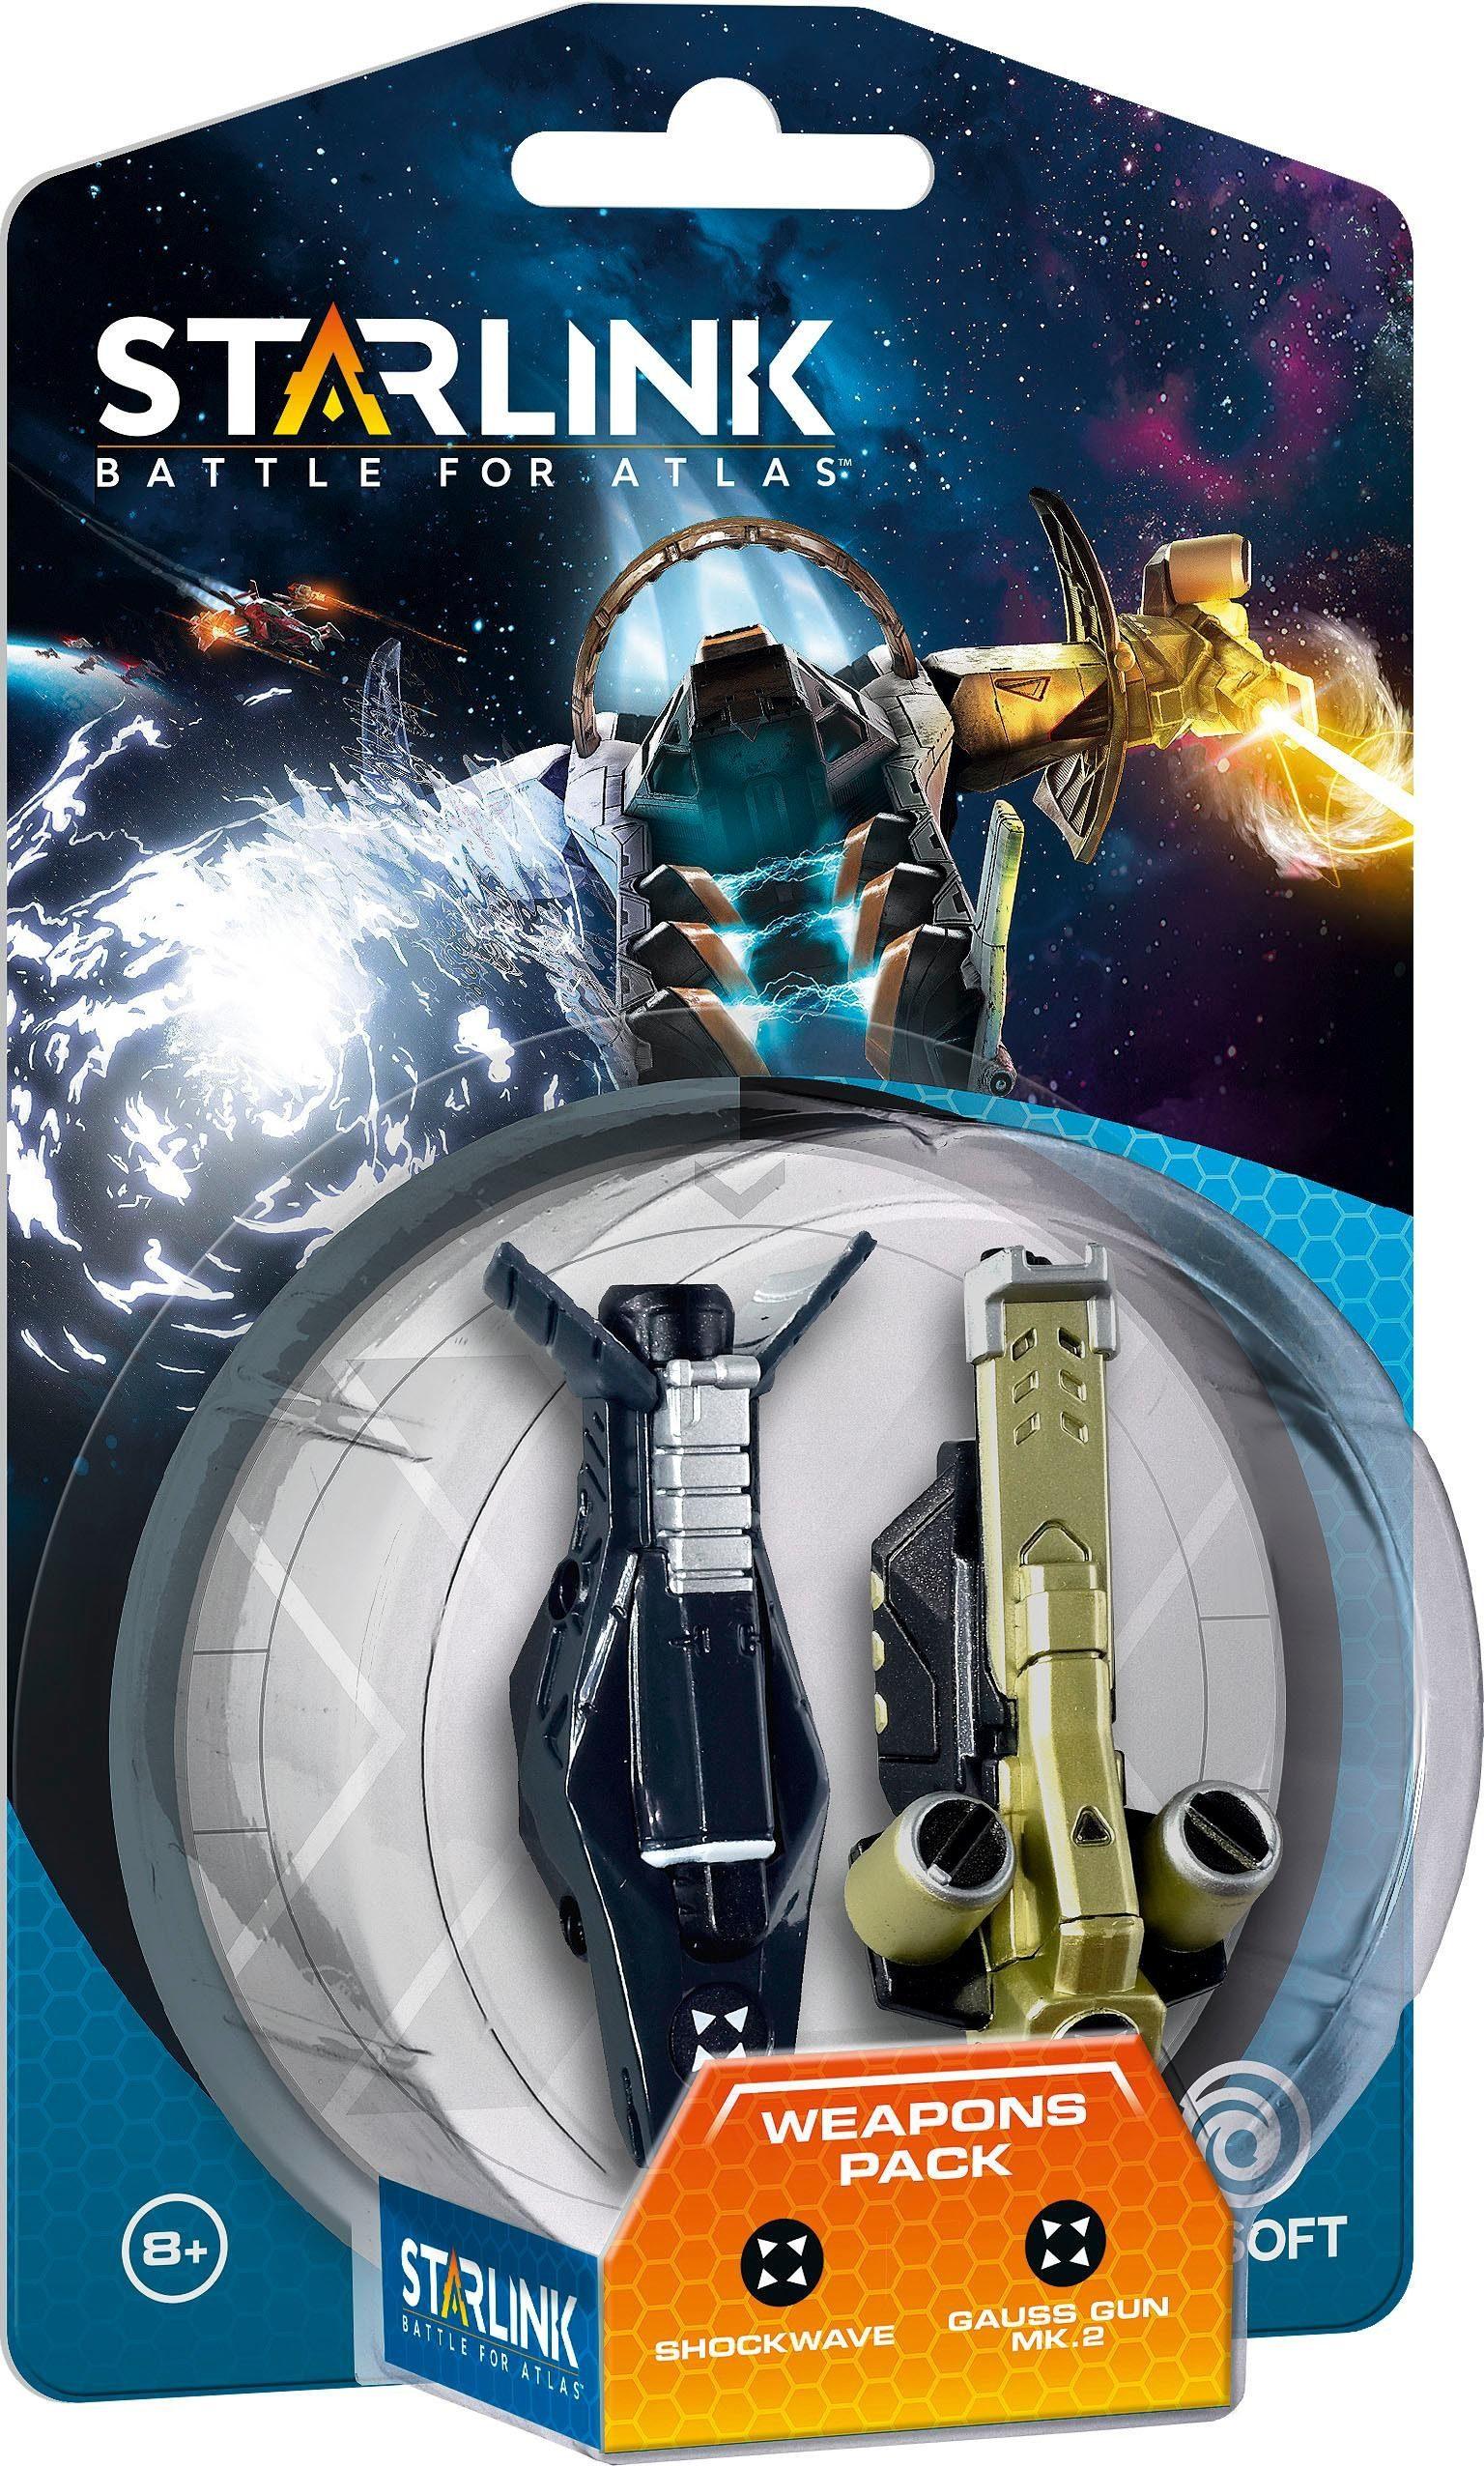 Starlink Weapon Pack - Shockwave & Gauss Spielfigur